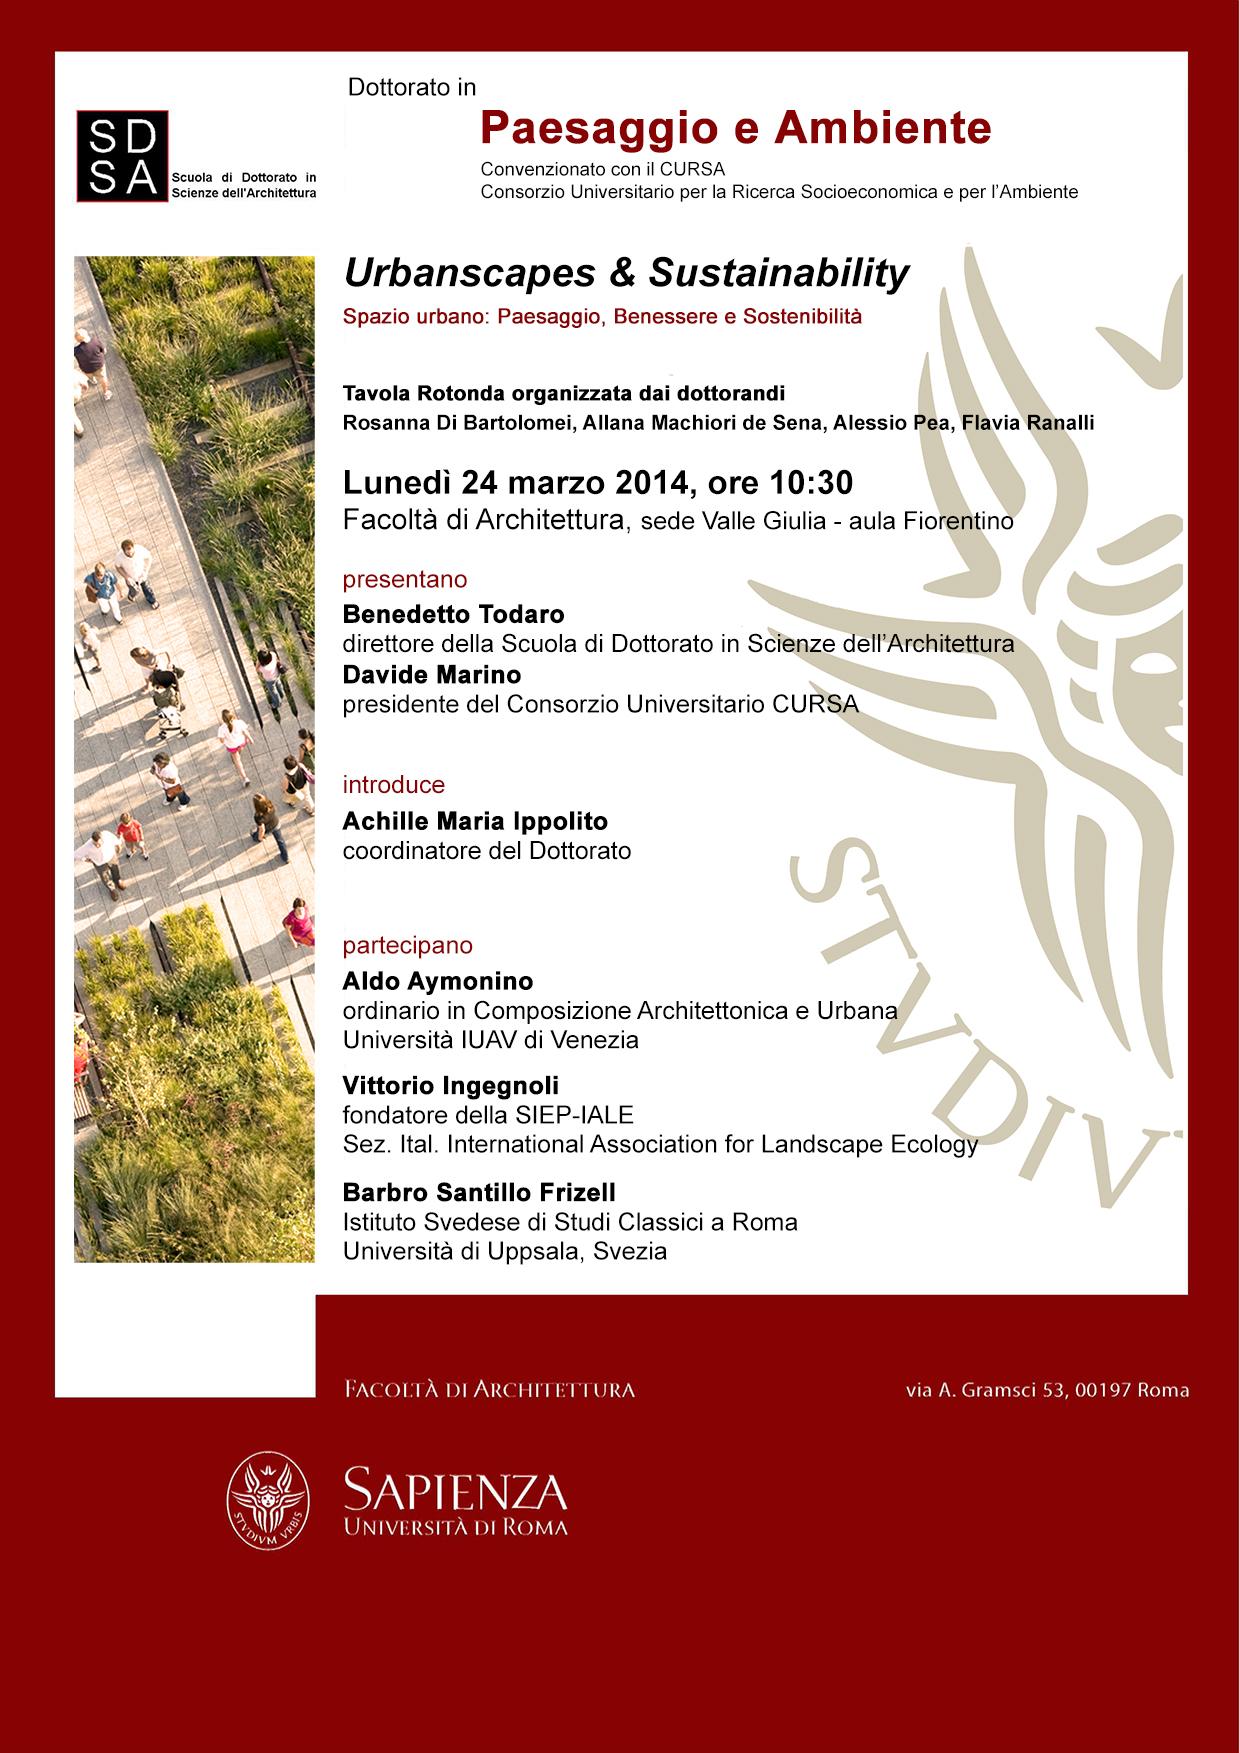 Urbanscapes & Sustainability. Spazio urbano: Paesaggio, Benessere e Sostenibilità - © A. Pea, R. Di Bartolomei, A. Marchiori, F. Ranalli